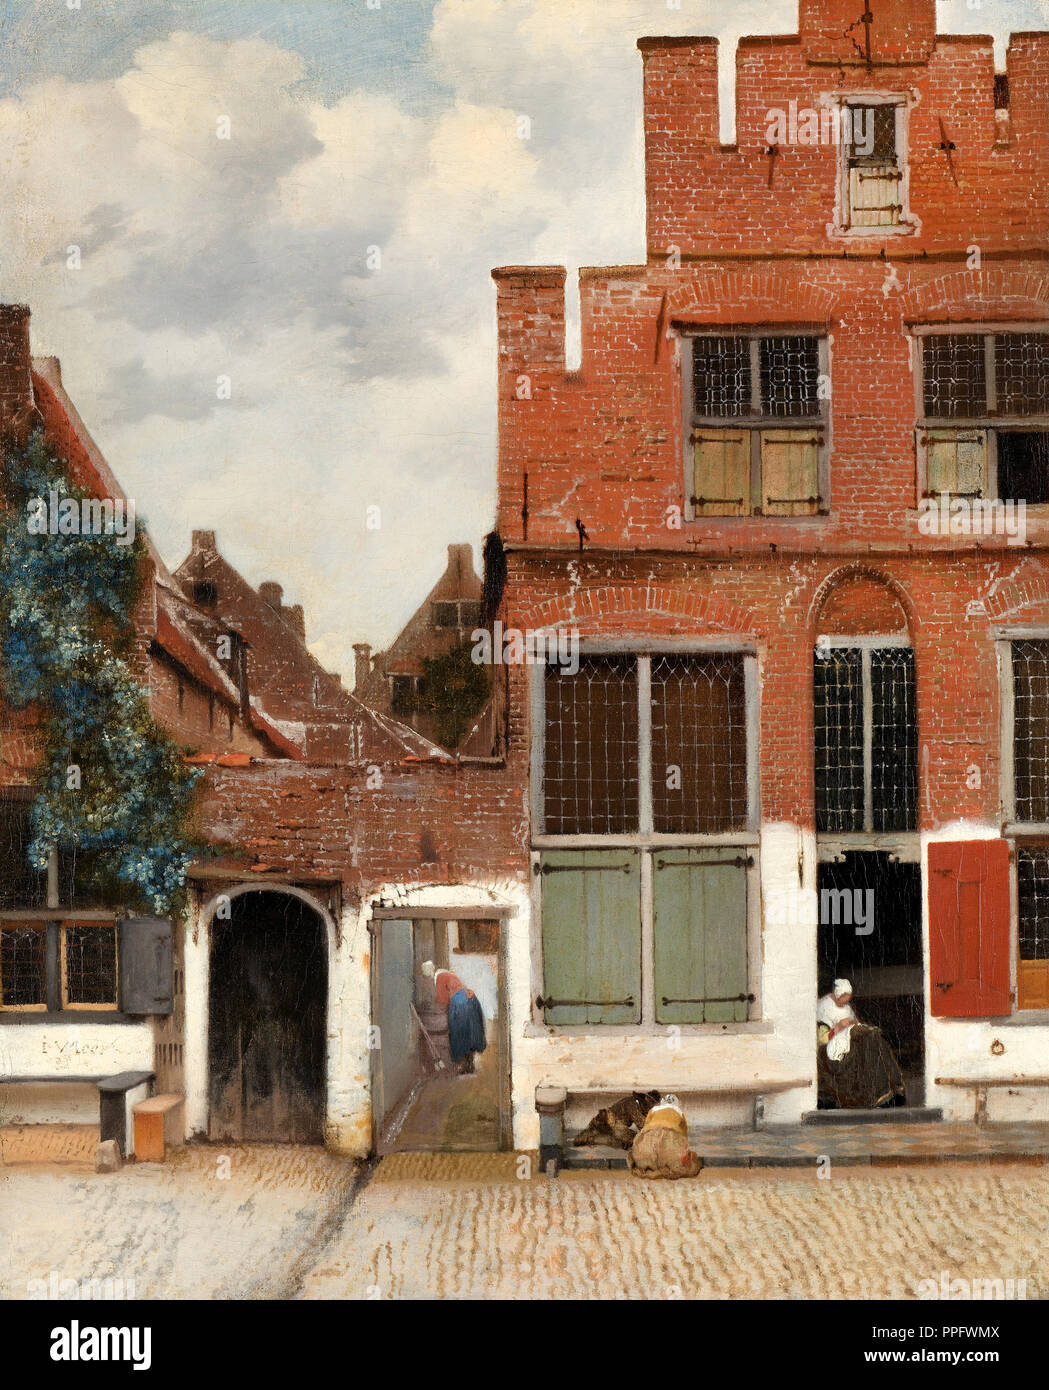 """Johannes Vermeer - Vista delle case di Delft, noto come """"la piccola strada"""". Circa 1658. Olio su tela. Rijksmuseum Amsterdam, Paesi Bassi. Immagini Stock"""